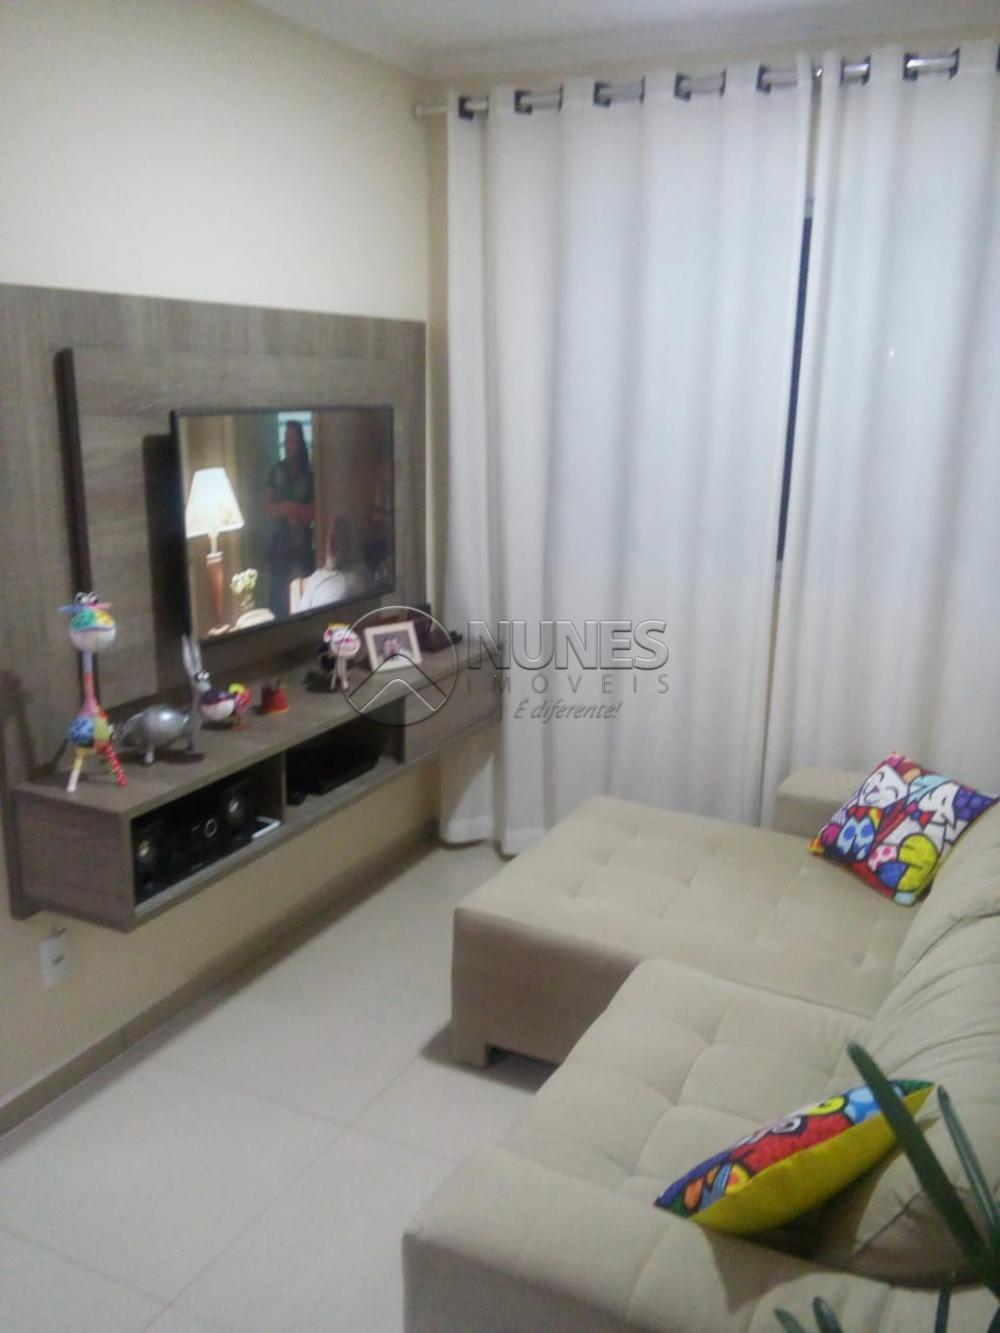 Comprar Apartamento / Padrão em Carapicuíba apenas R$ 200.000,00 - Foto 1